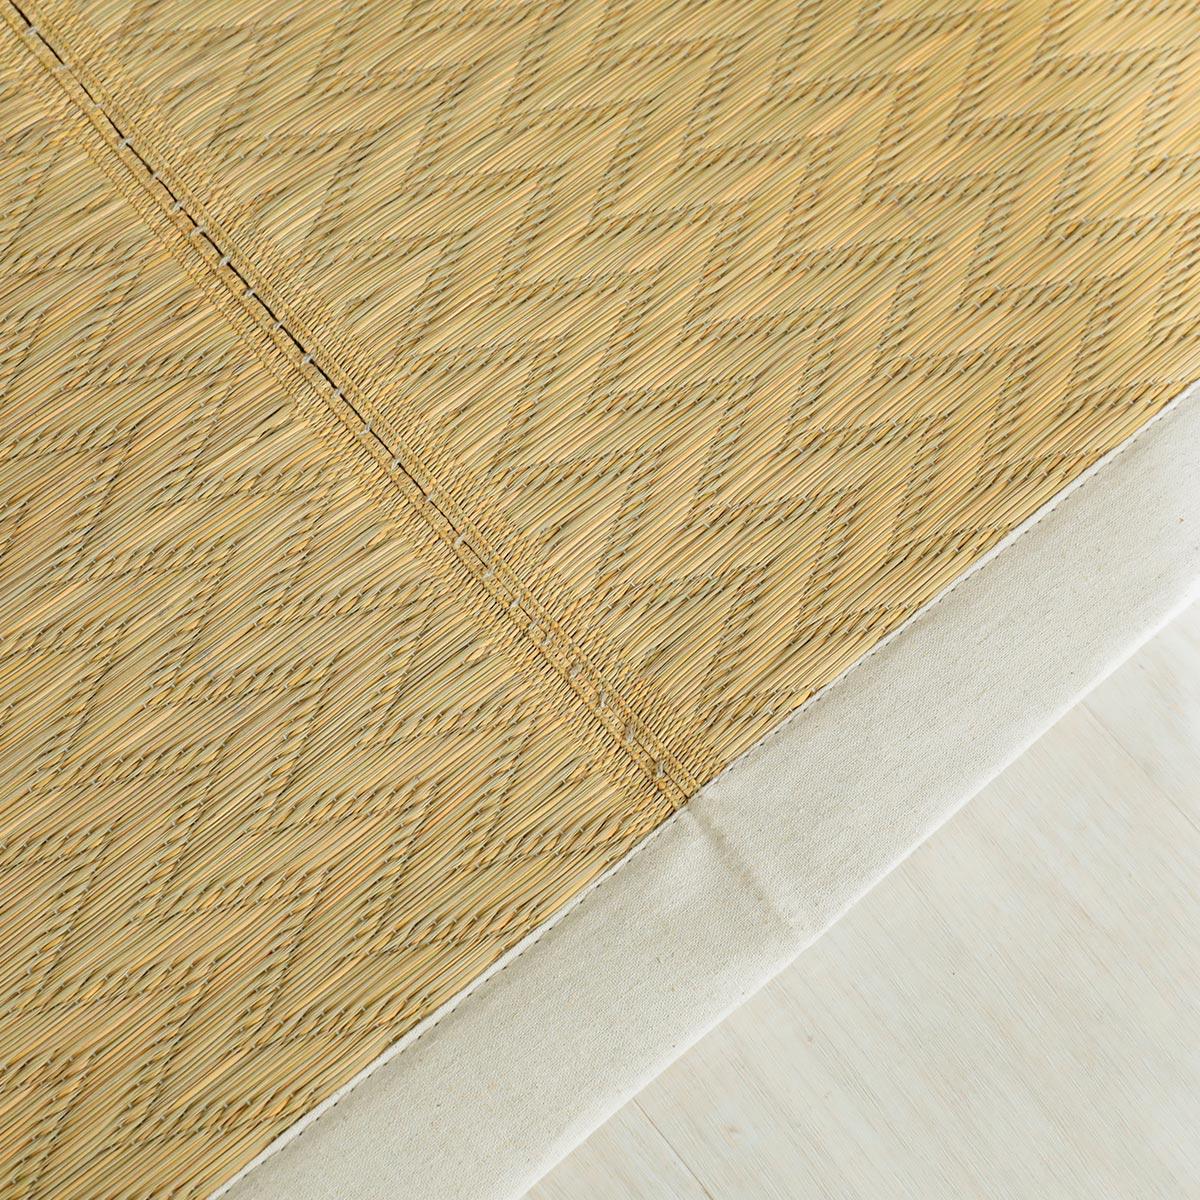 折り畳みやすいように縫い合わせています。